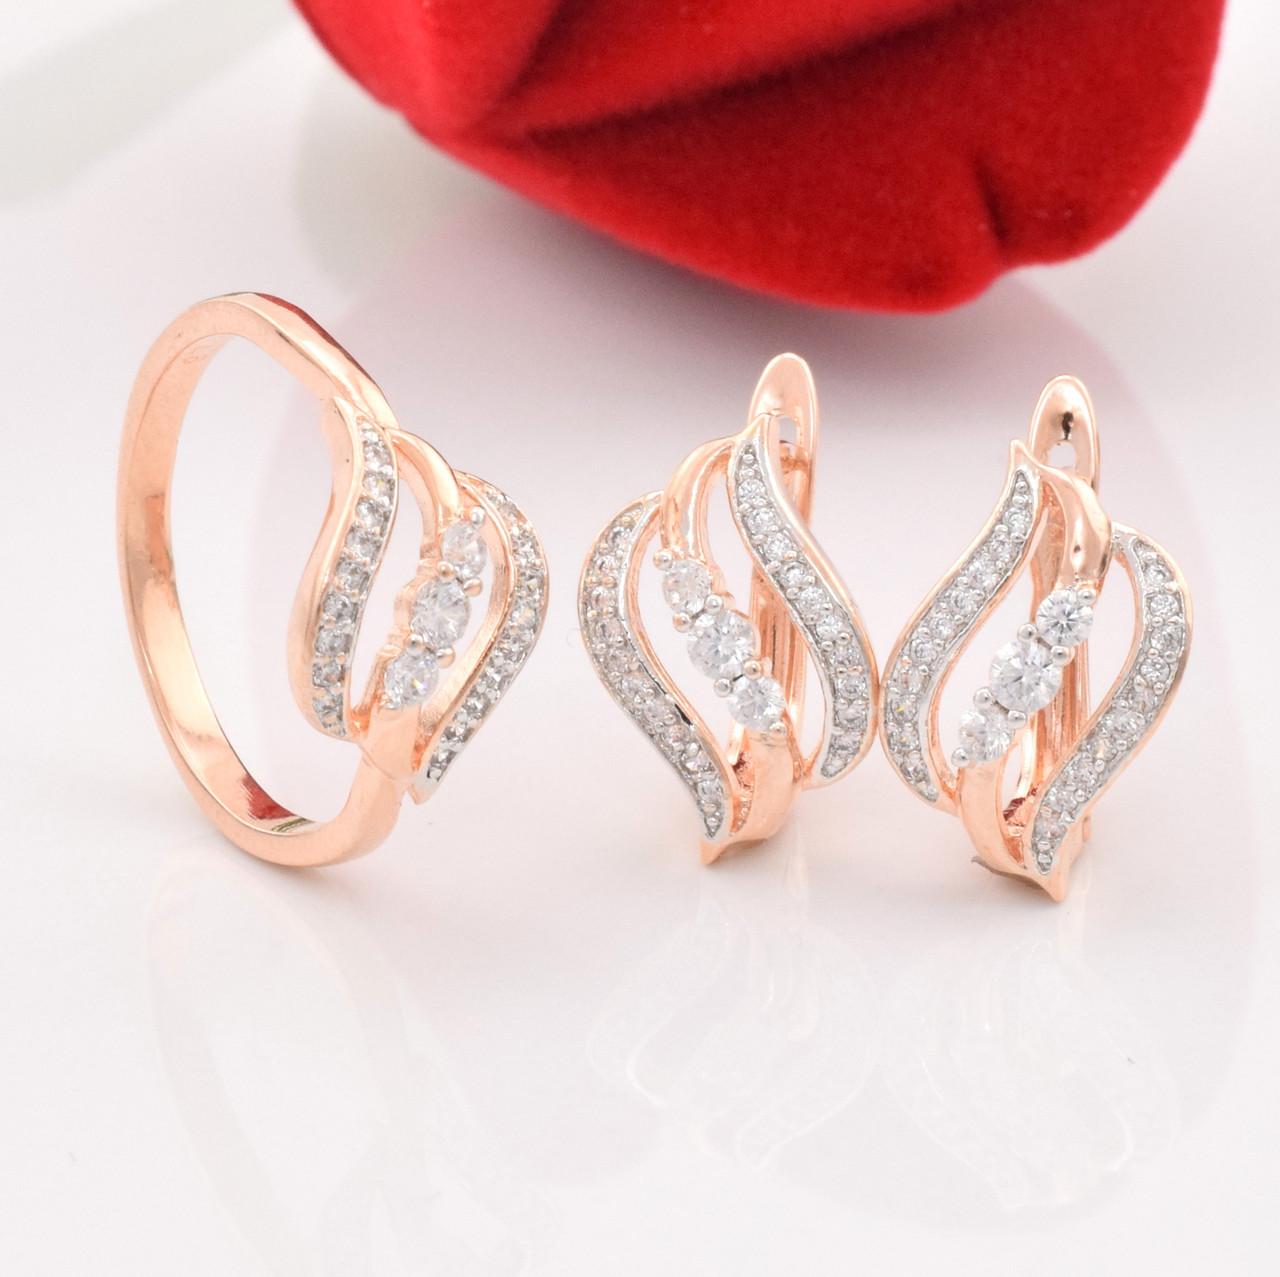 Набор 90039, кольцо размер 16 + серьги 13*11 мм, позолота РО